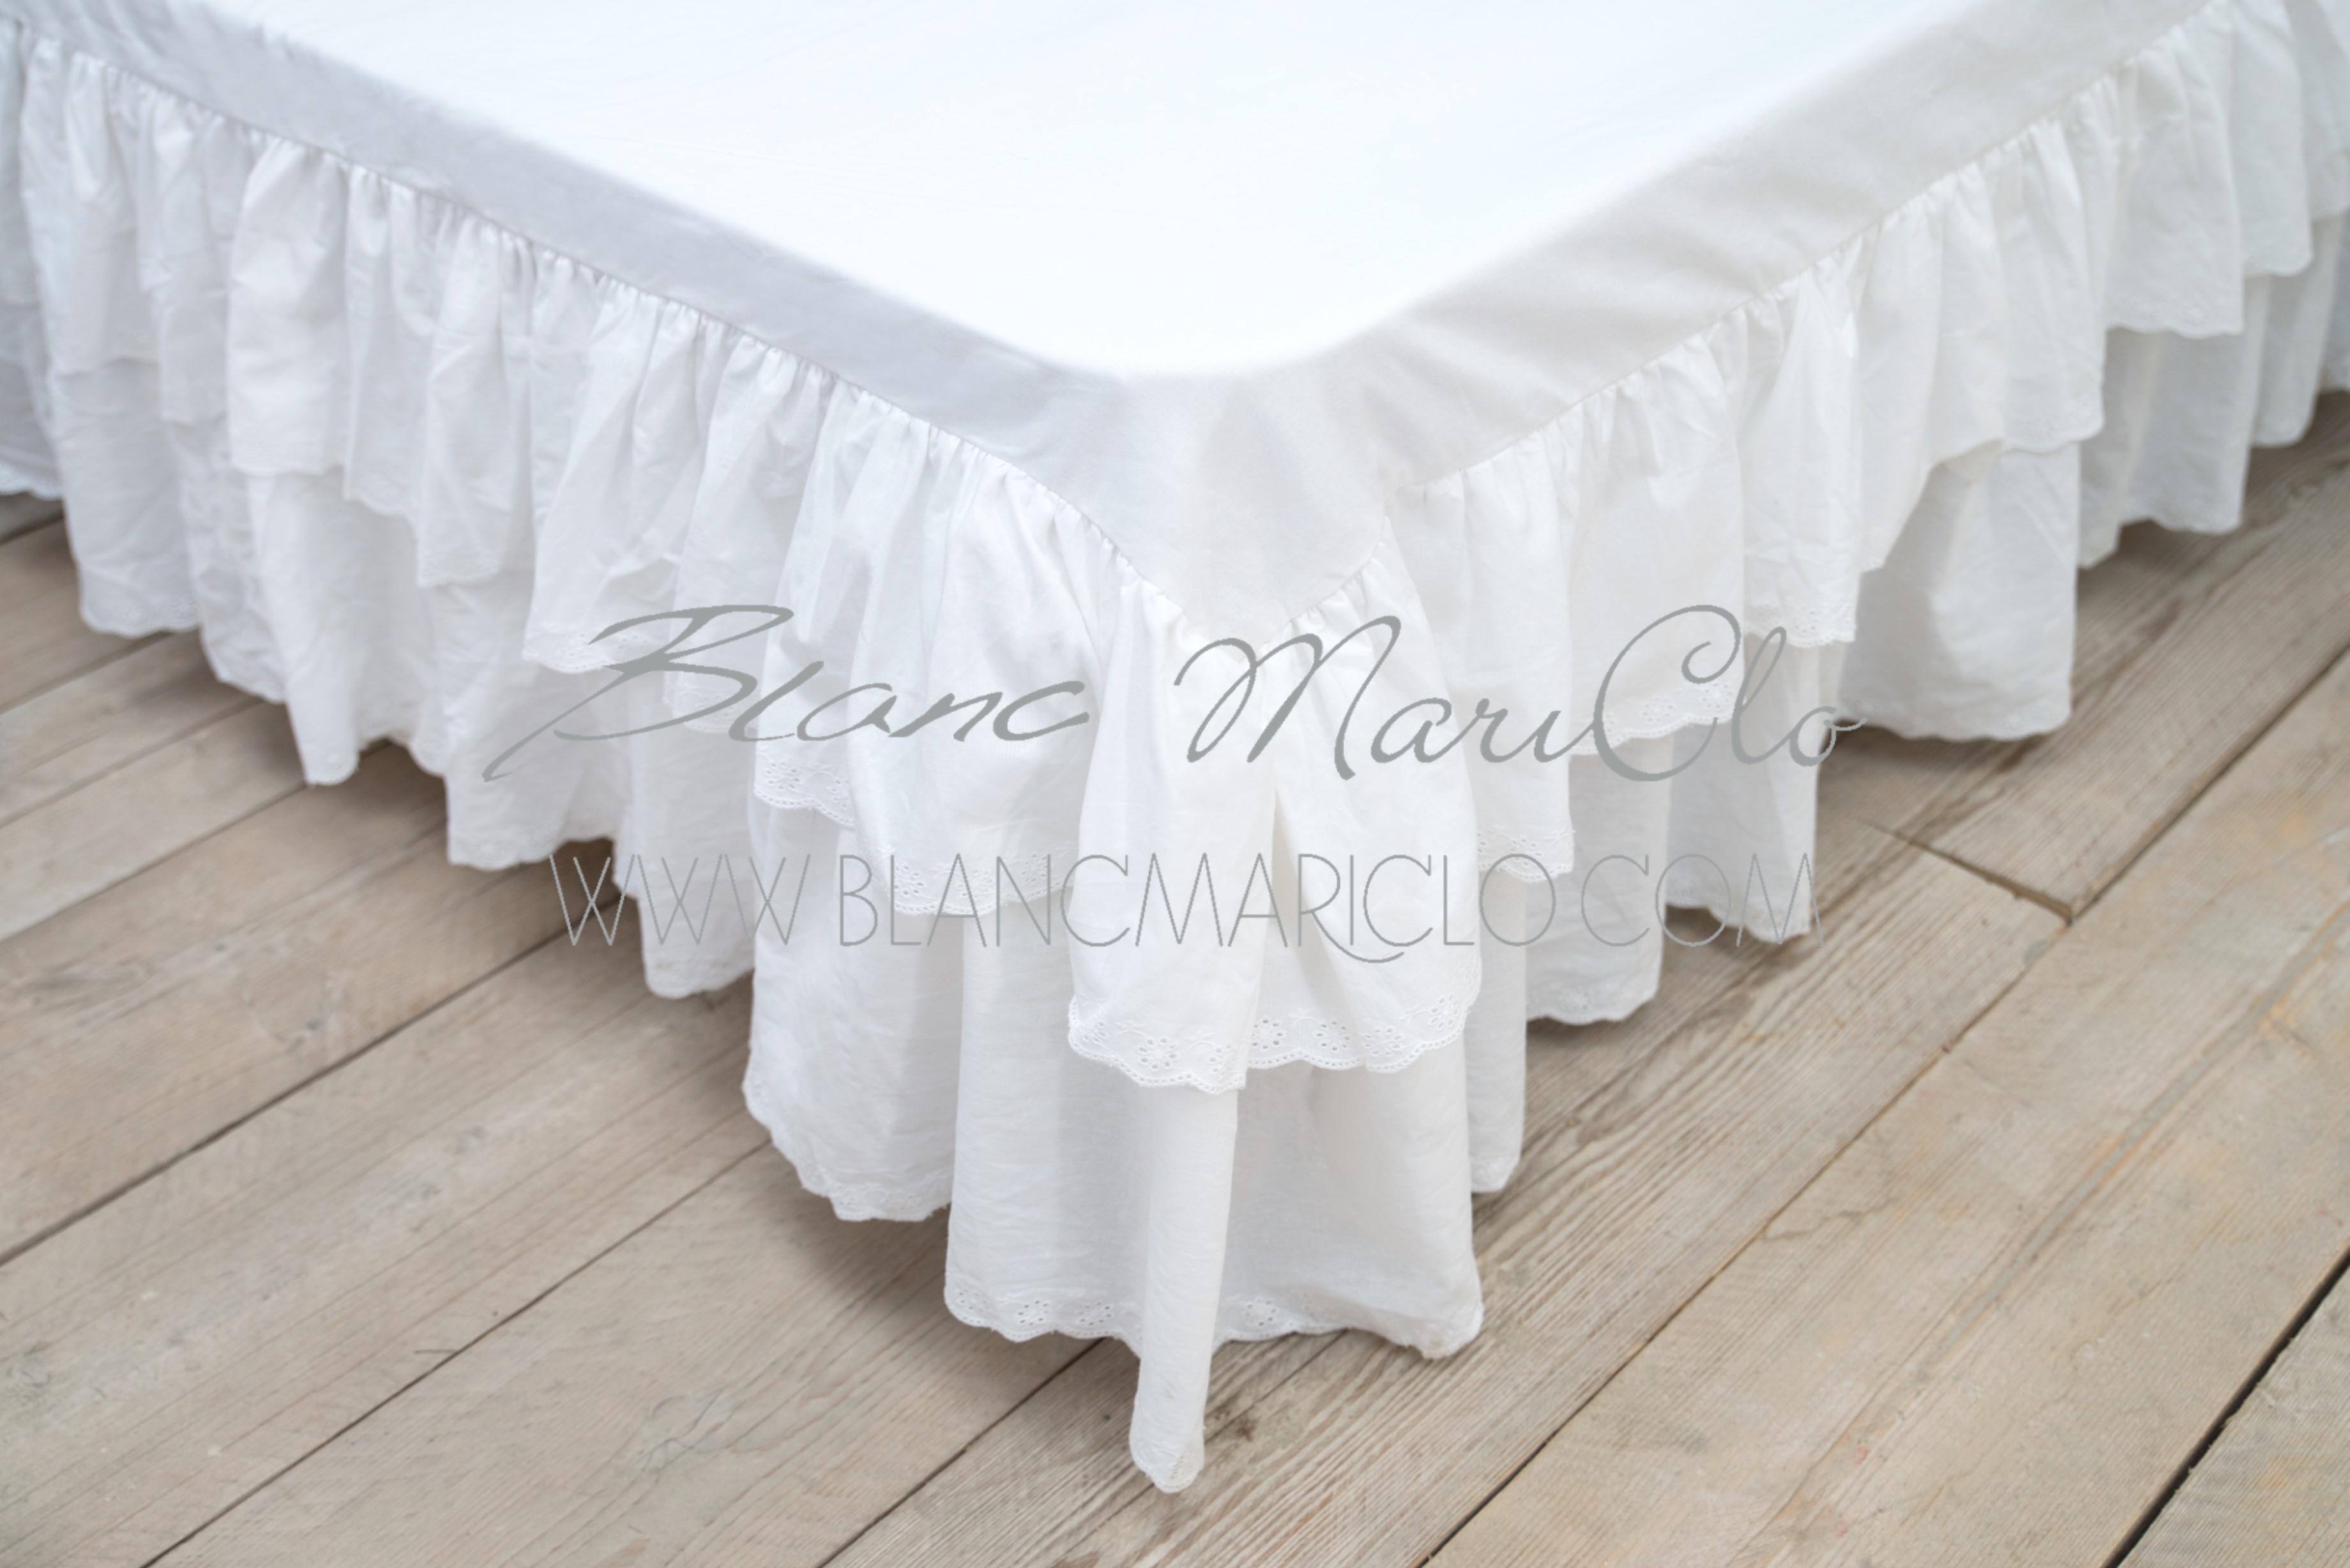 Vestiletto bianco con balze blanc maricl shop bottega delle idee - Coprirete vestiletto ikea ...